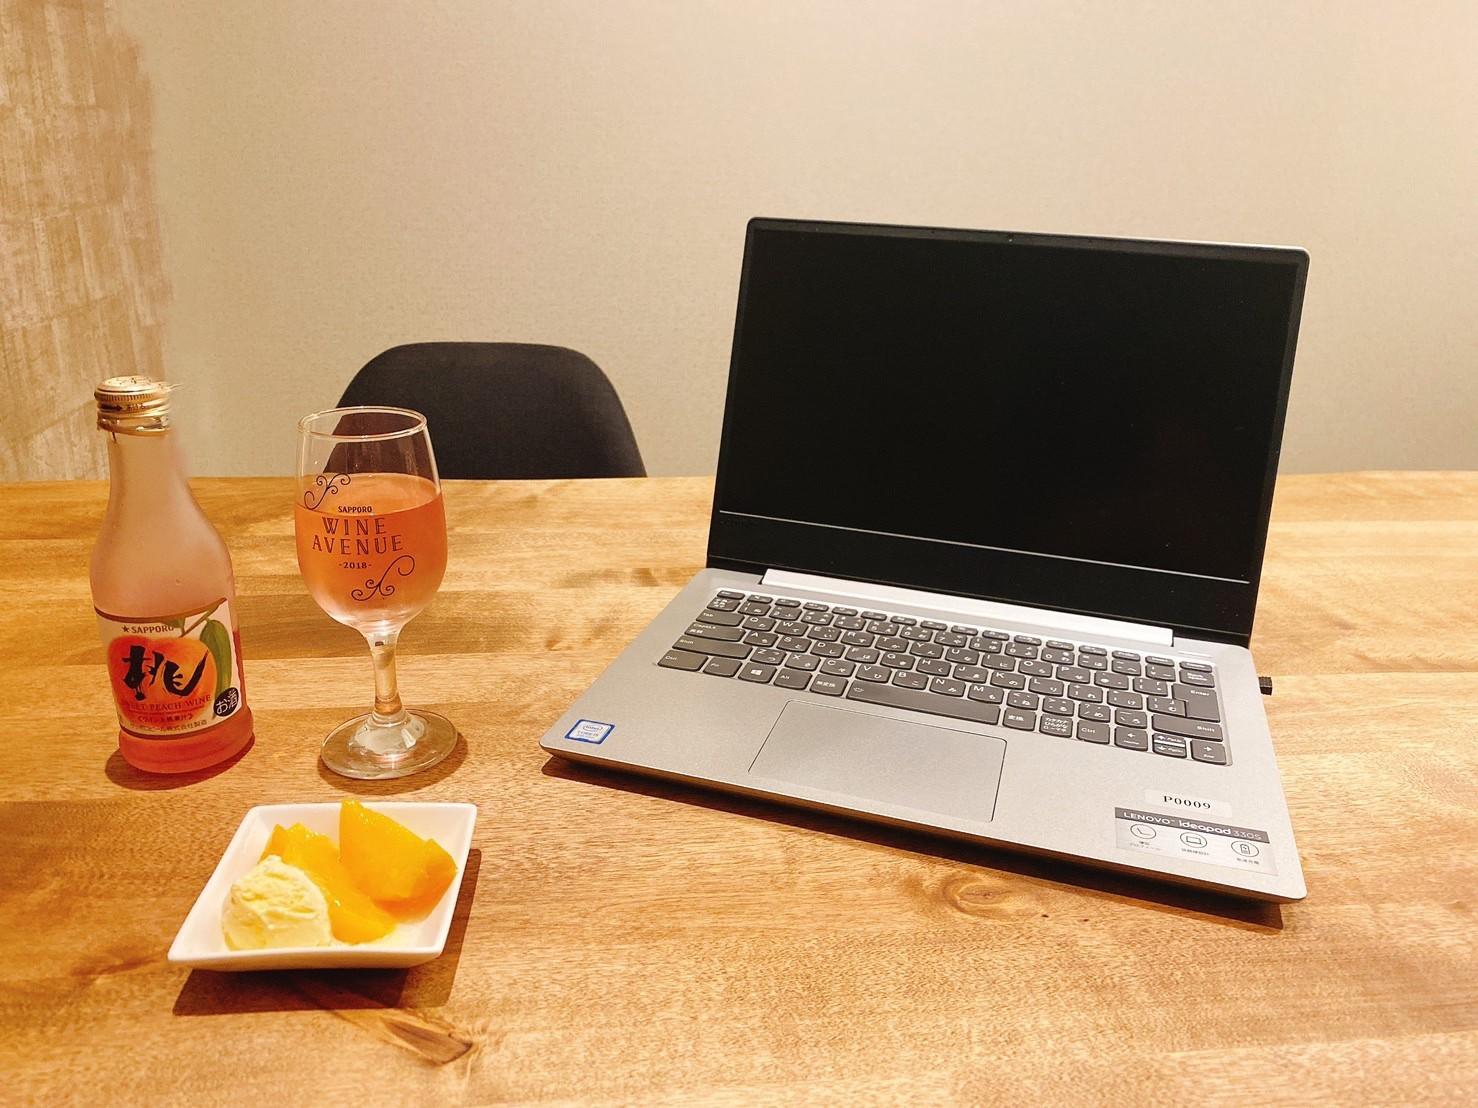 オンライン歓迎会・リモート飲み会は同じワインで楽しもう!